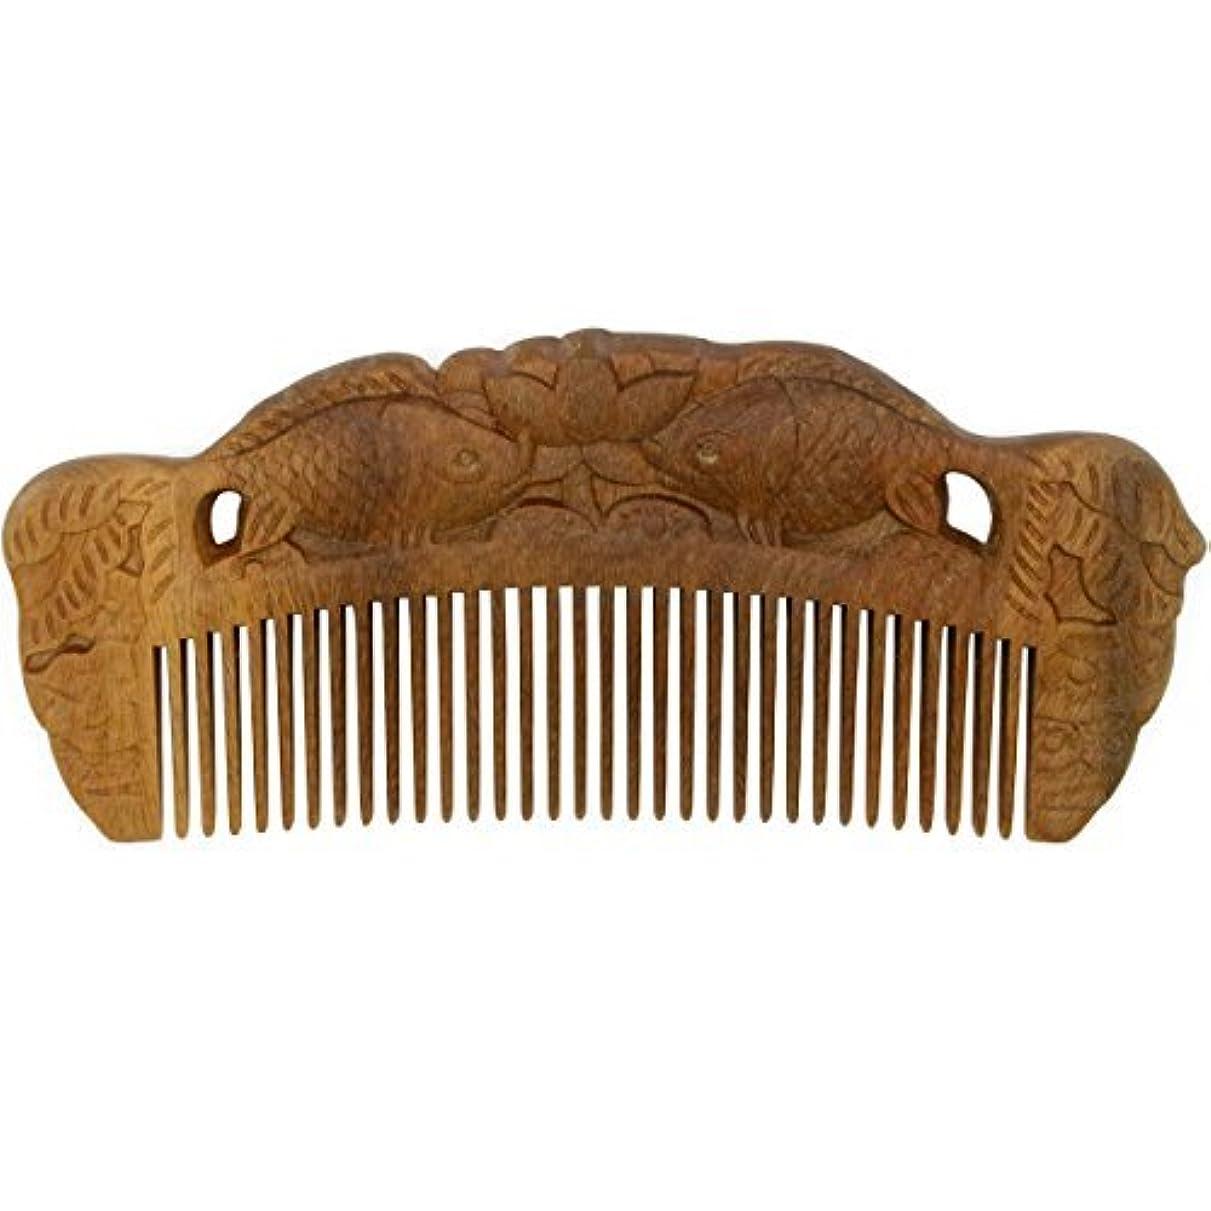 スマイル階層マウスピースYOY Handmade Carved Natural Sandalwood Hair Comb - Anti-static No Snag Brush for Men's Mustache Beard Care Anti...